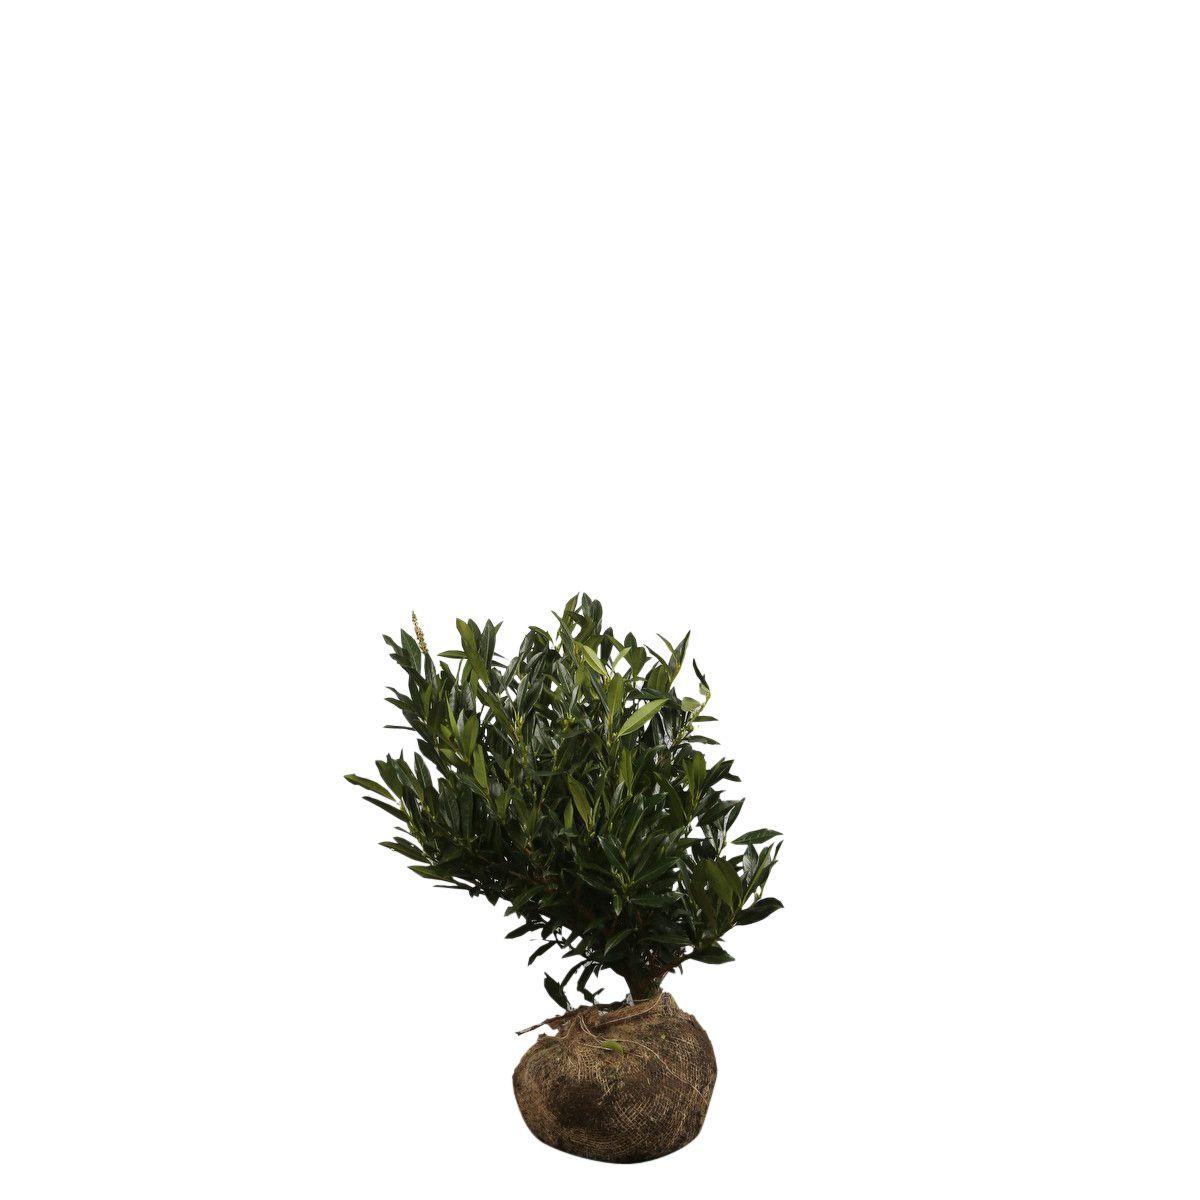 Breitwüchsiger Kirschlorbeer  Wurzelballen 50-60 cm